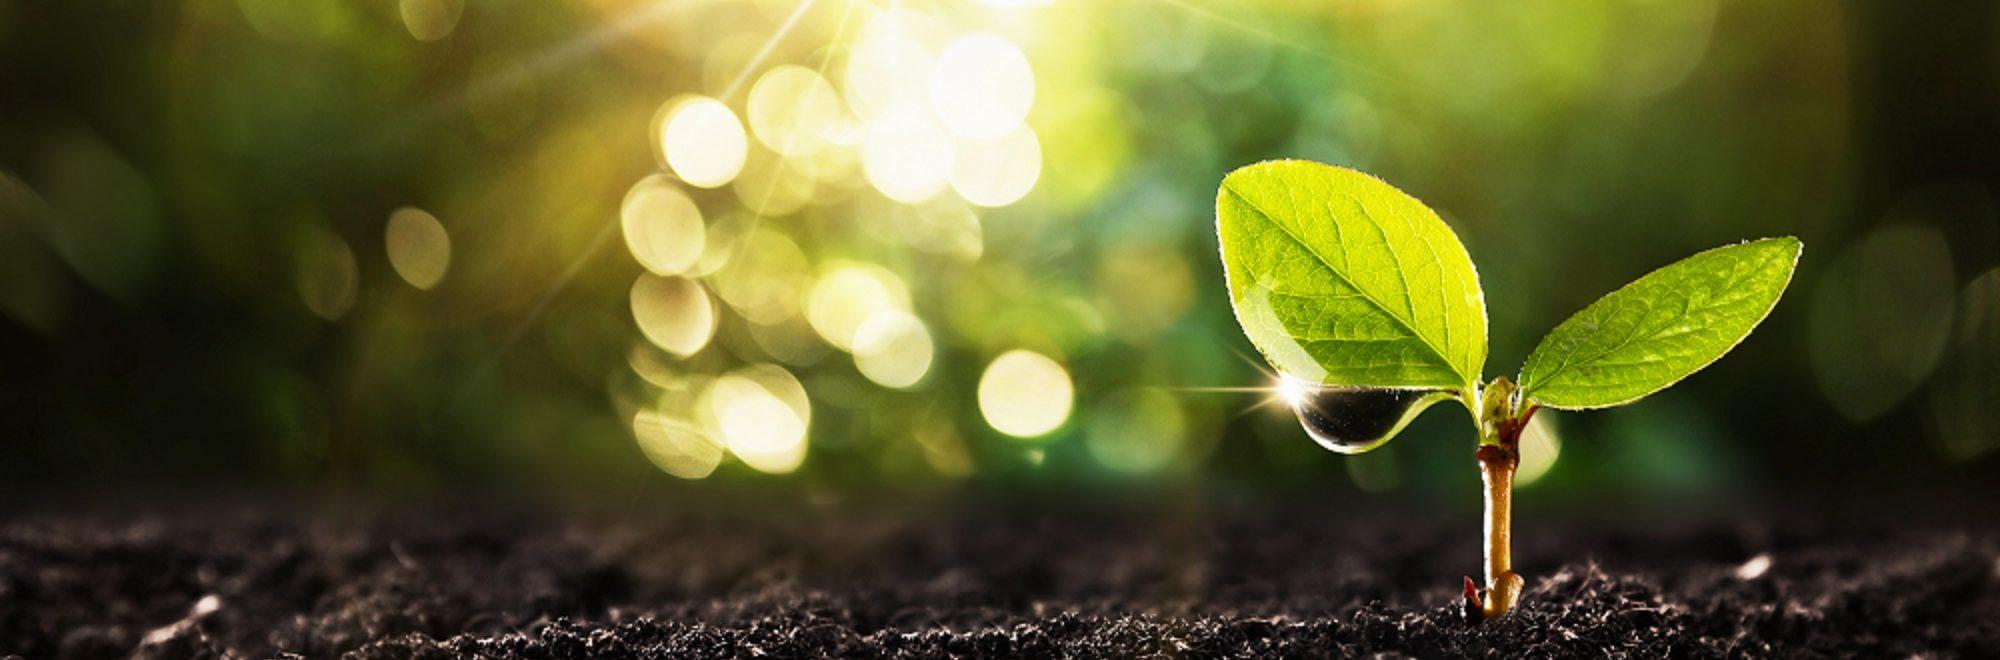 Kleine Pflanze im Licht ©Maksim Pasko/AdobeStock